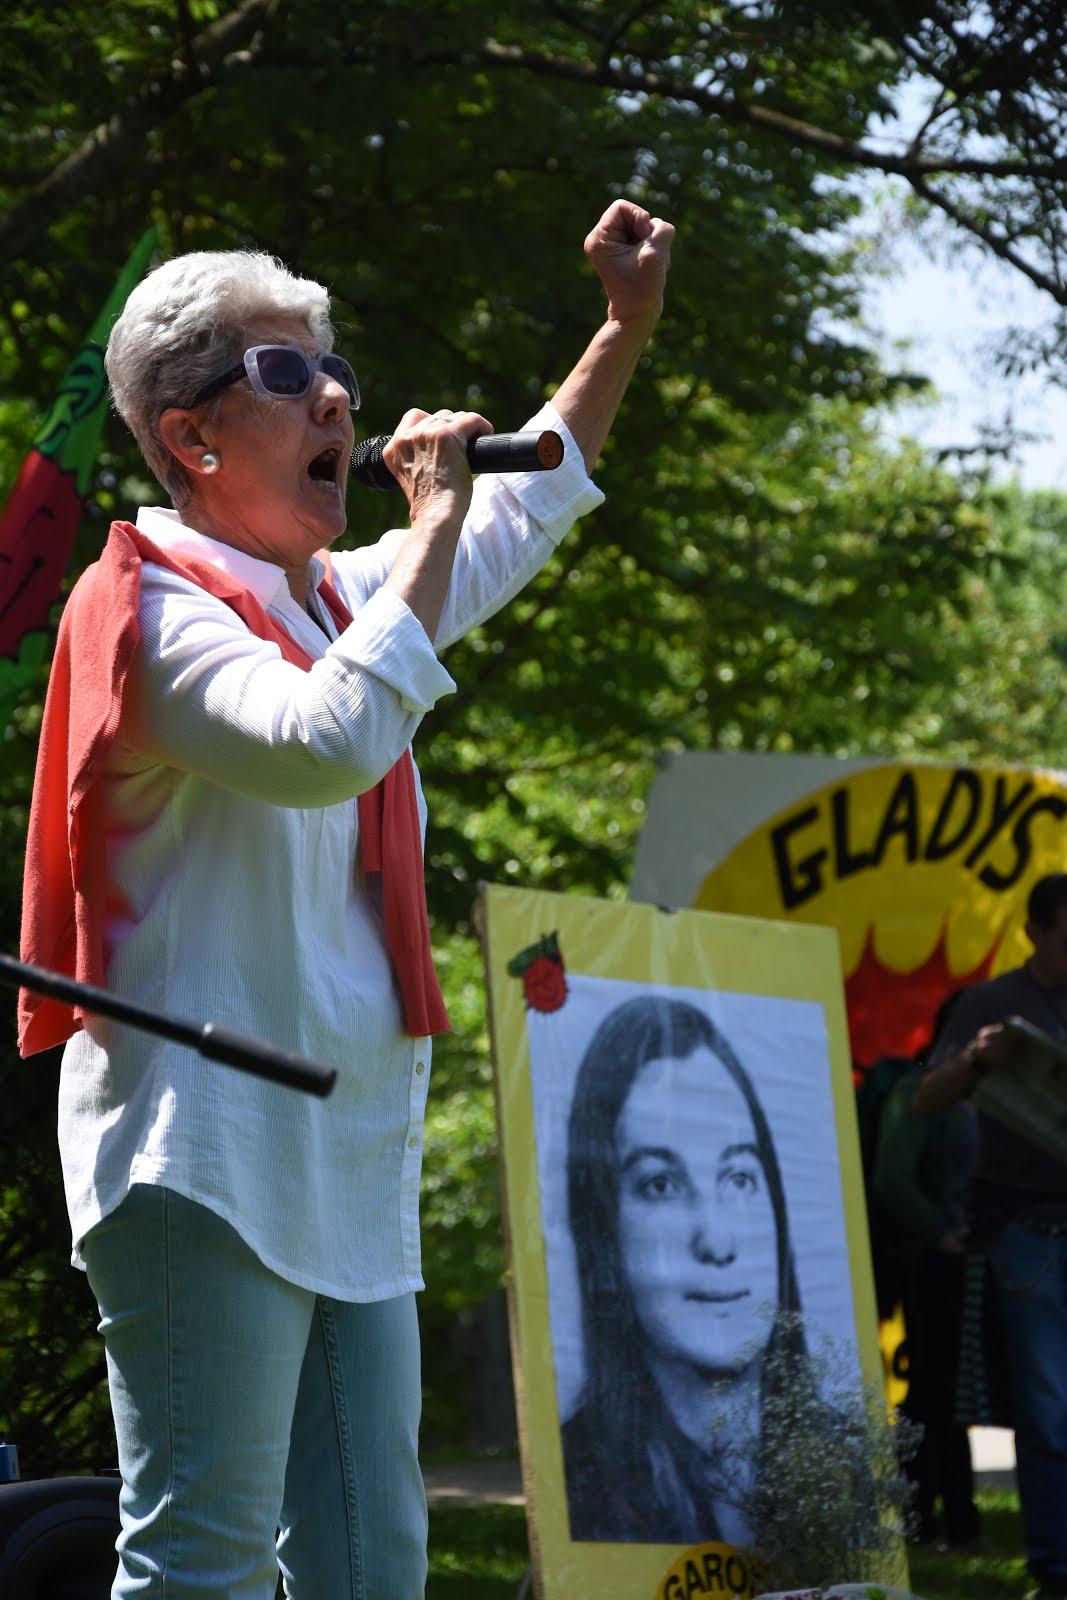 2016ko Gladysi omenaldiaren bideoa